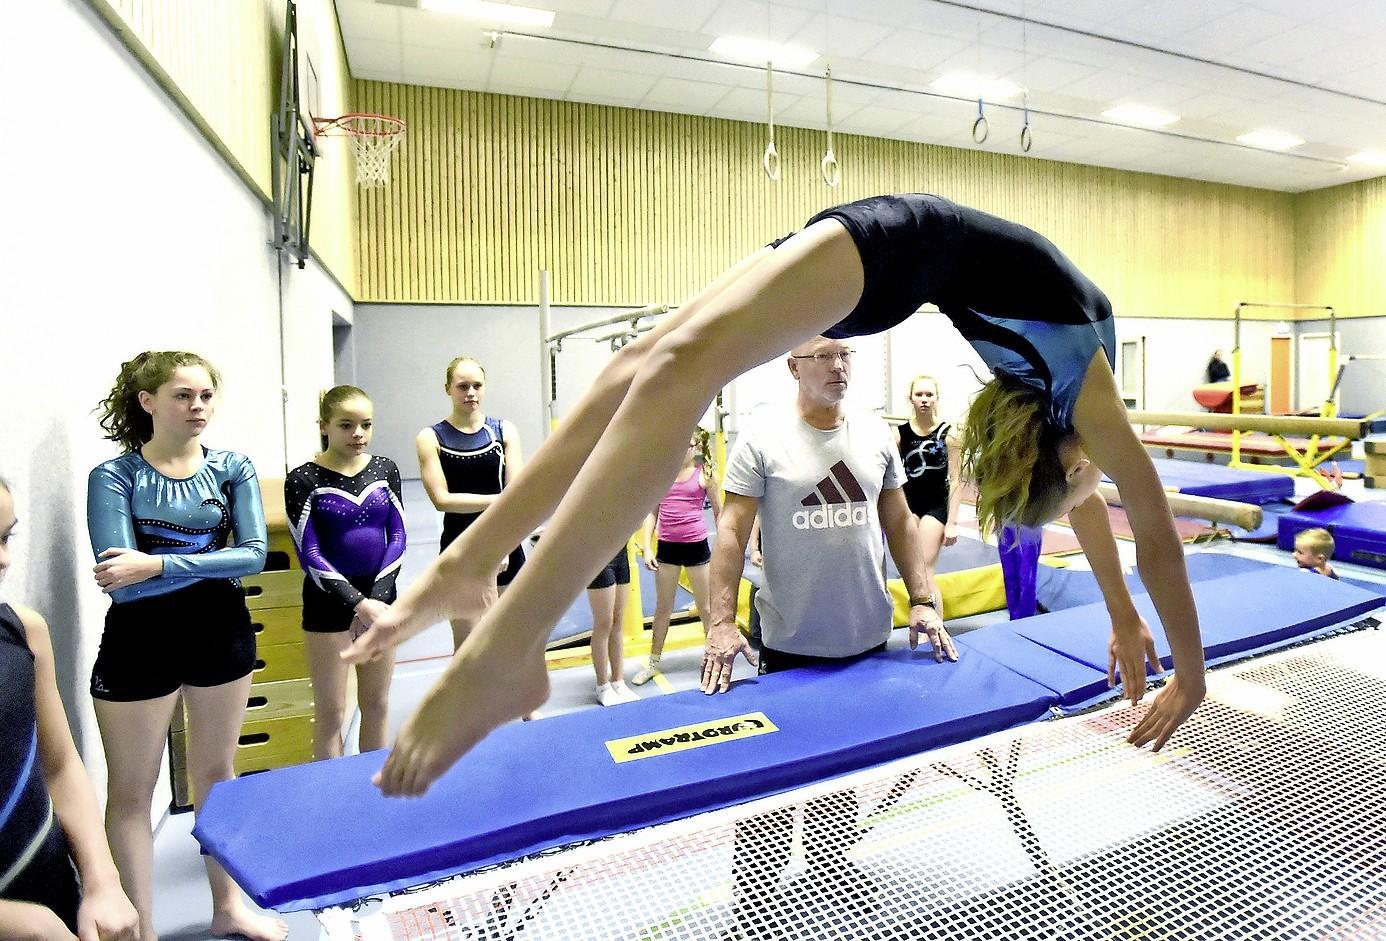 GV Sportlust stelt vertrouwenspersoon aan na misstanden in turnsport. 'Ik weet van trainers die hetzelfde regime hanteren'